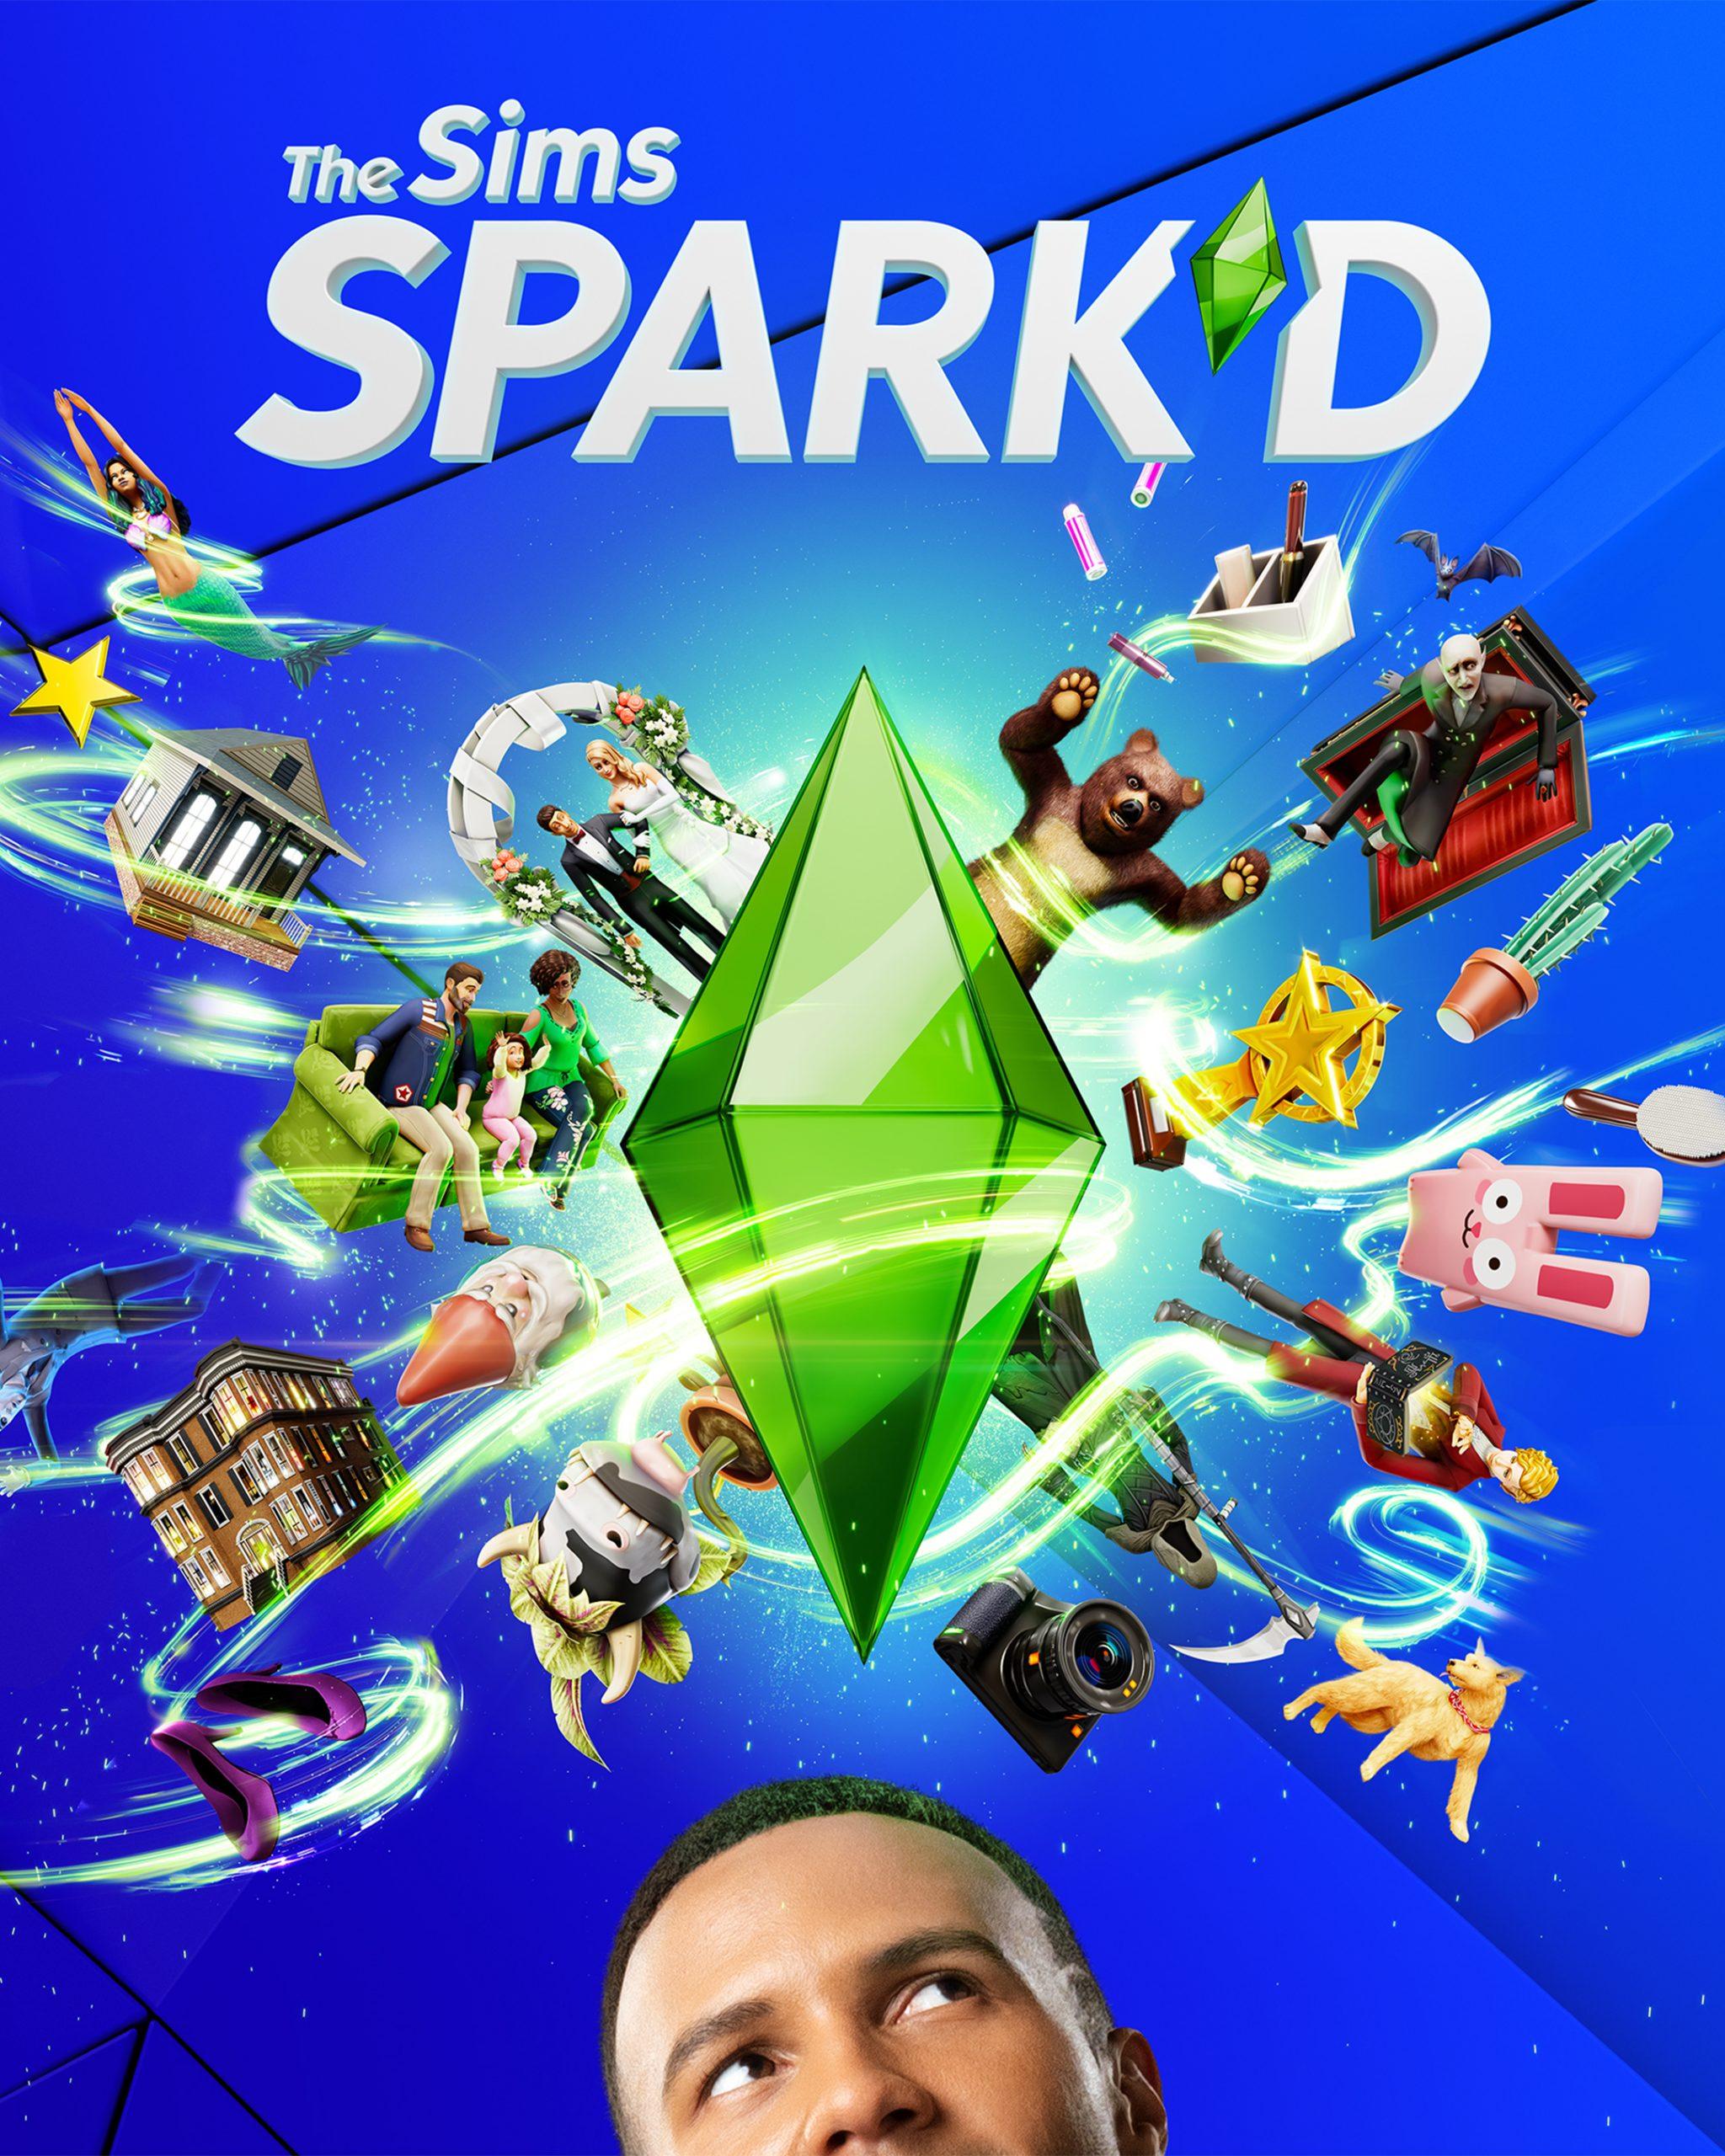 The Sims Spark'd Key Art